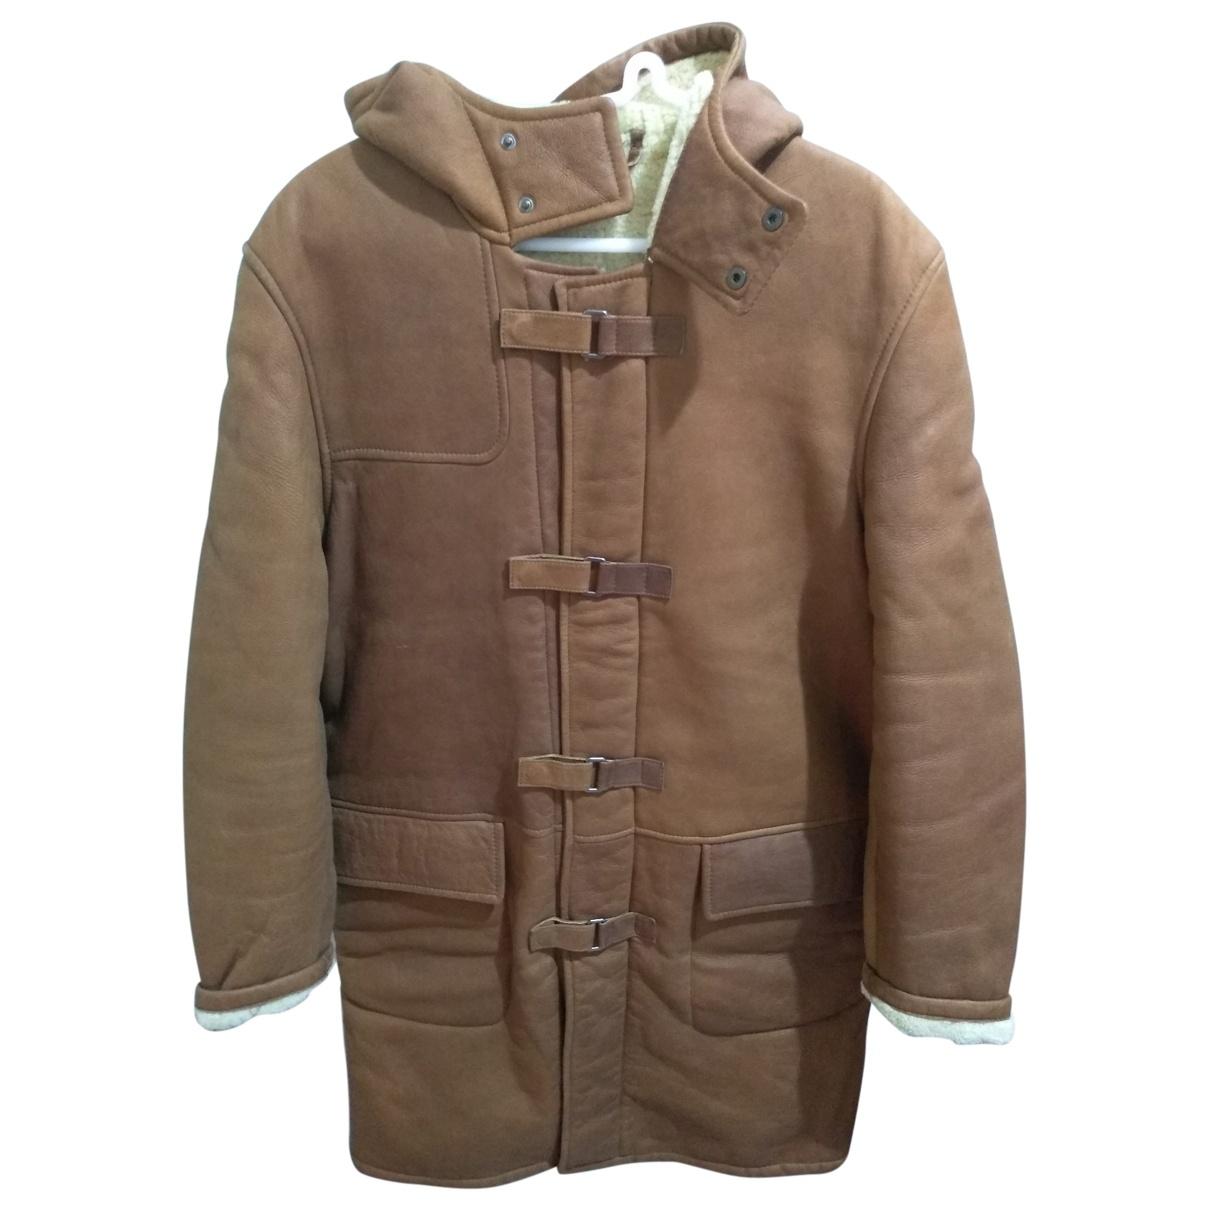 Burberry - Manteau   pour homme en mouton - camel